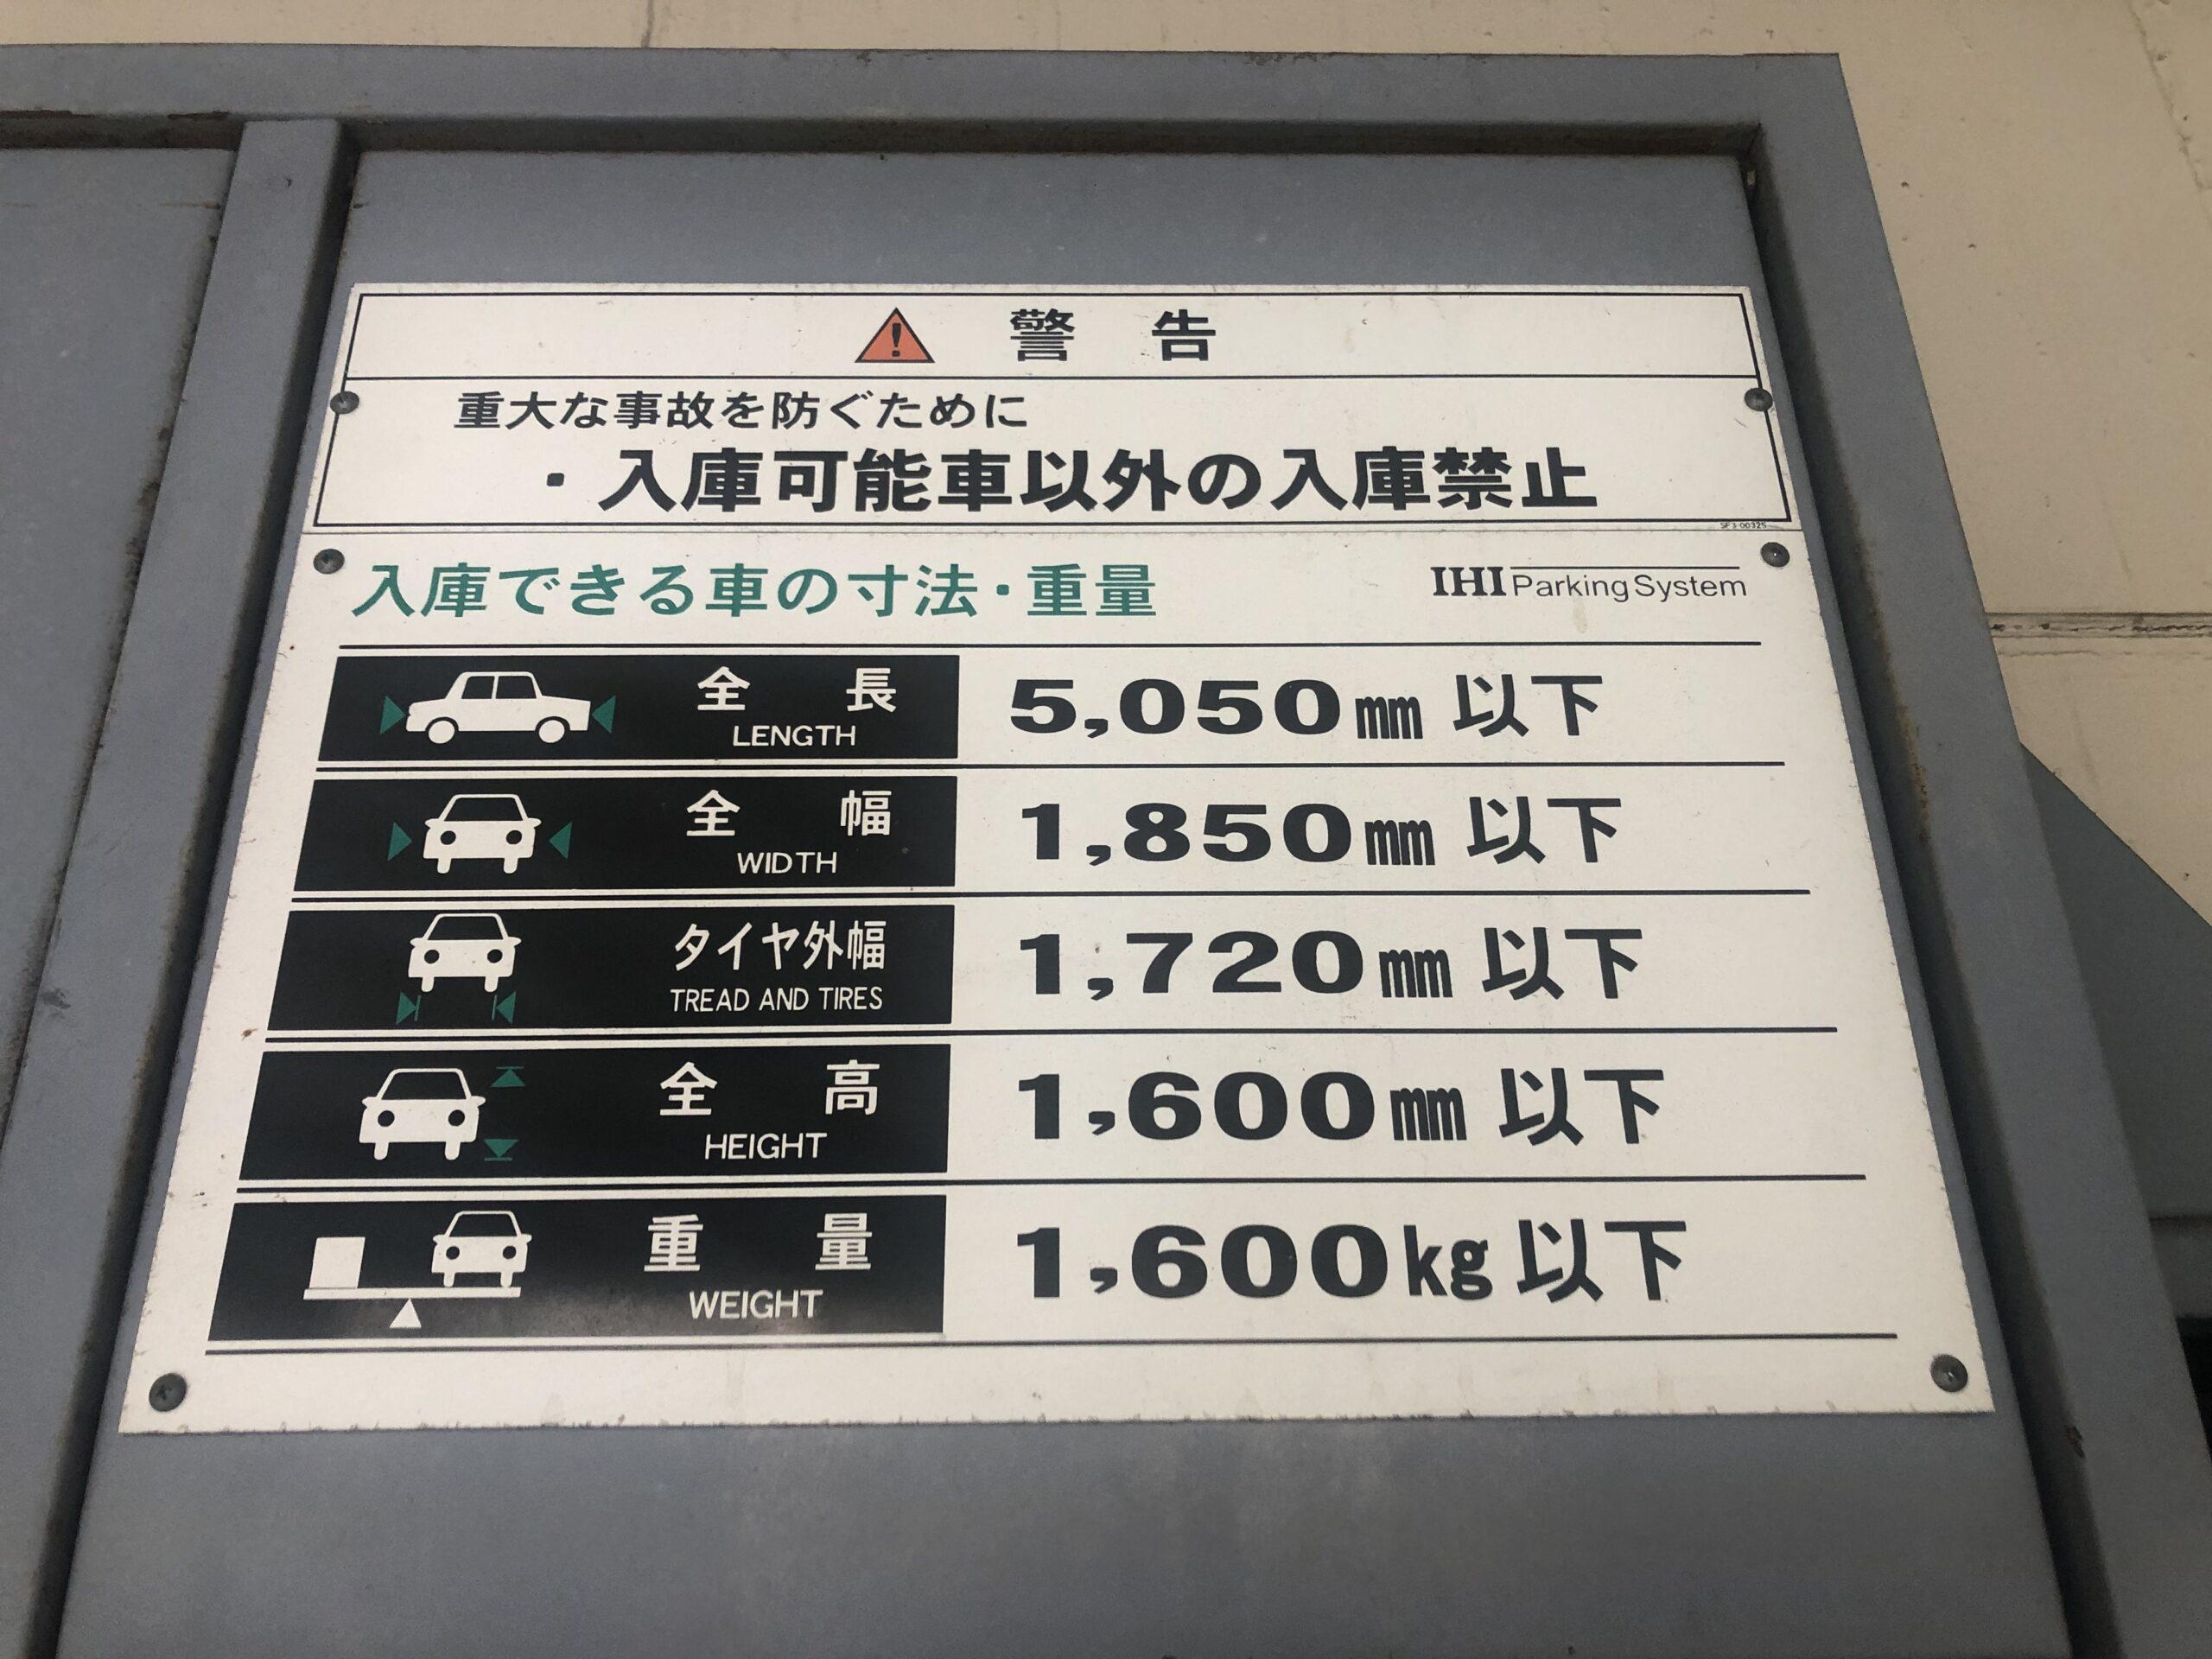 錦1丁目パーキング